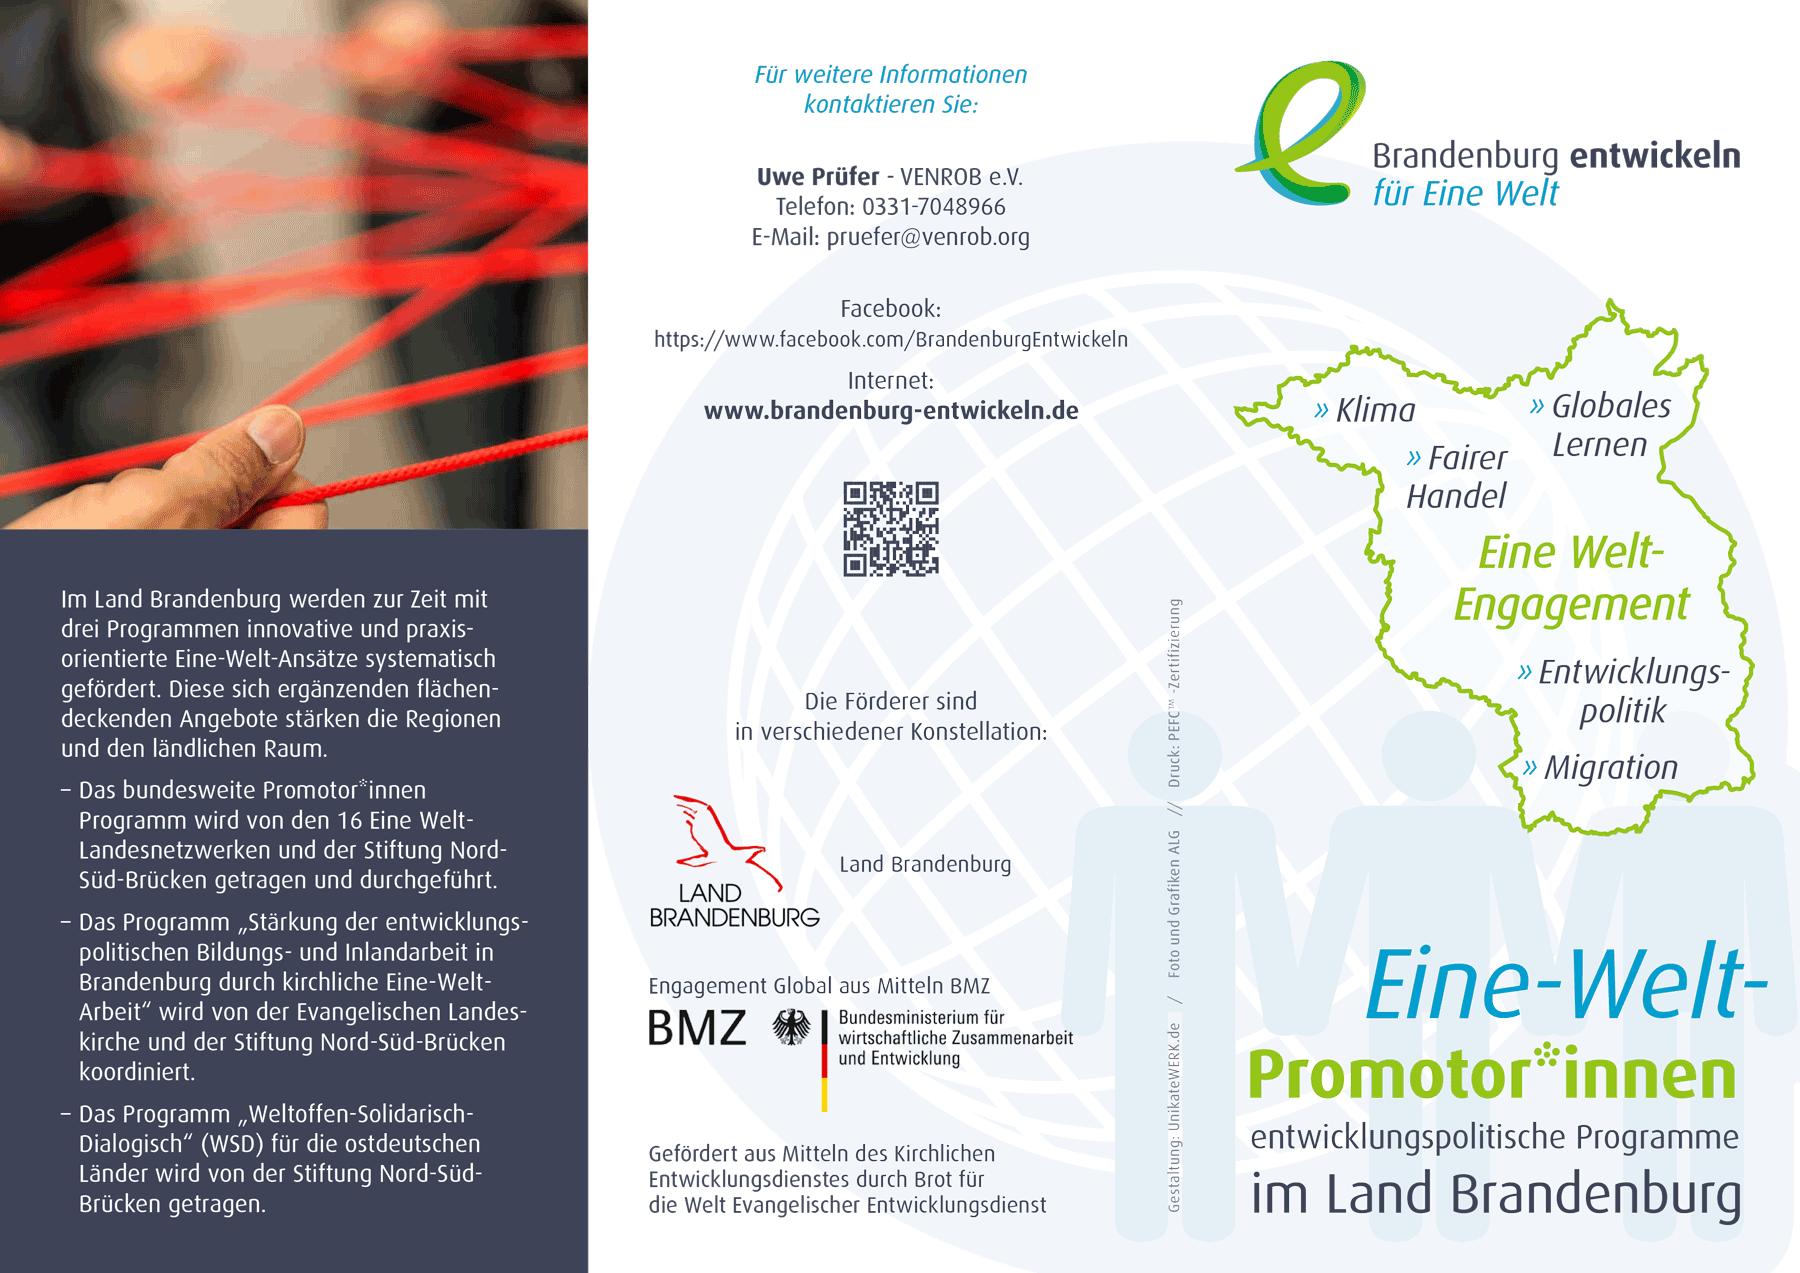 Eine-Welt-Promotor*innen – entwicklungspolitische Programme im Land Brandenburg – Aktueller Flyer Seite 1